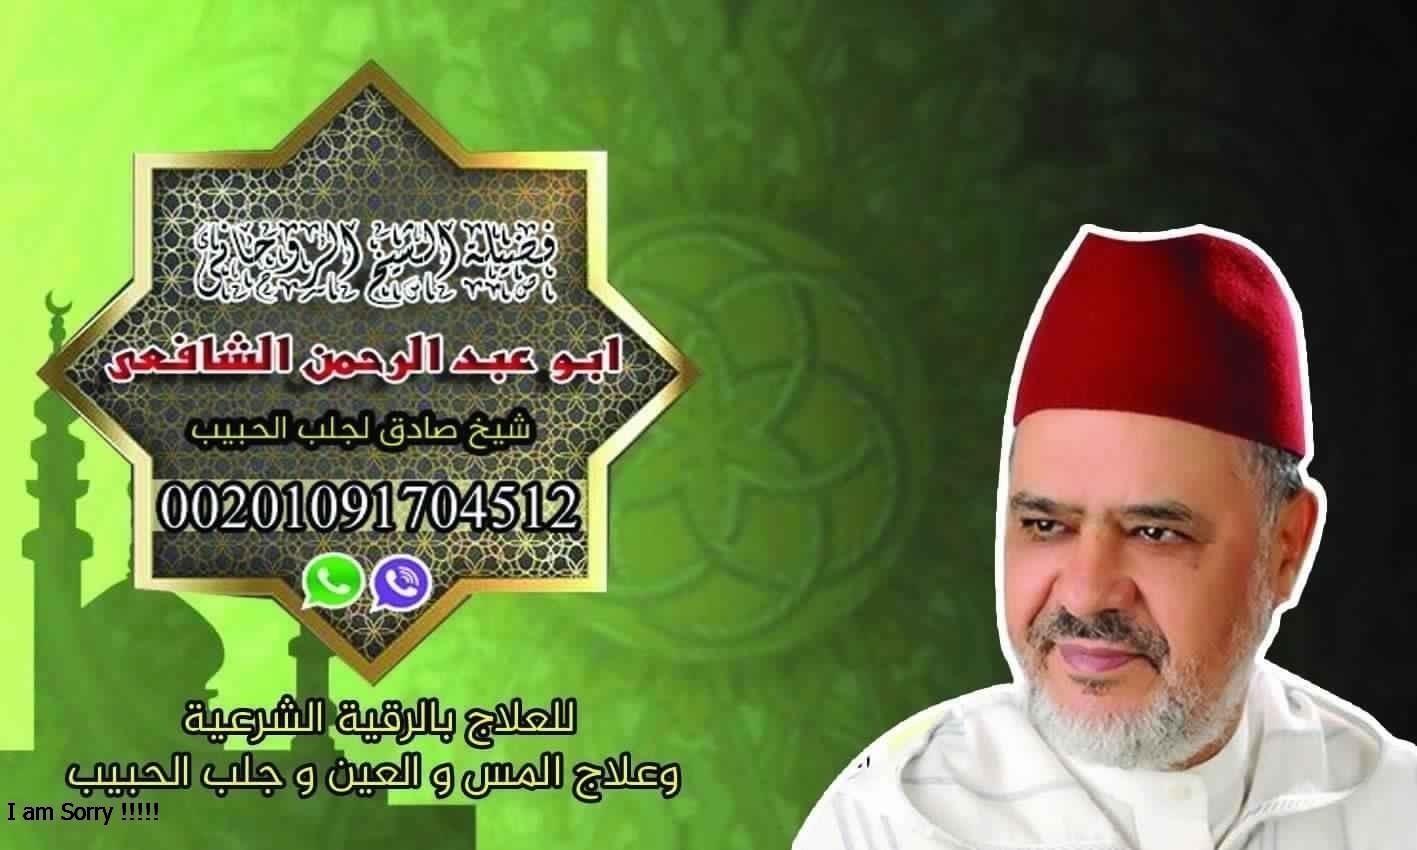 روحاني لجلب الحبيب علاج اخطاء الشيوخ 00201091704512 753934245.jpg